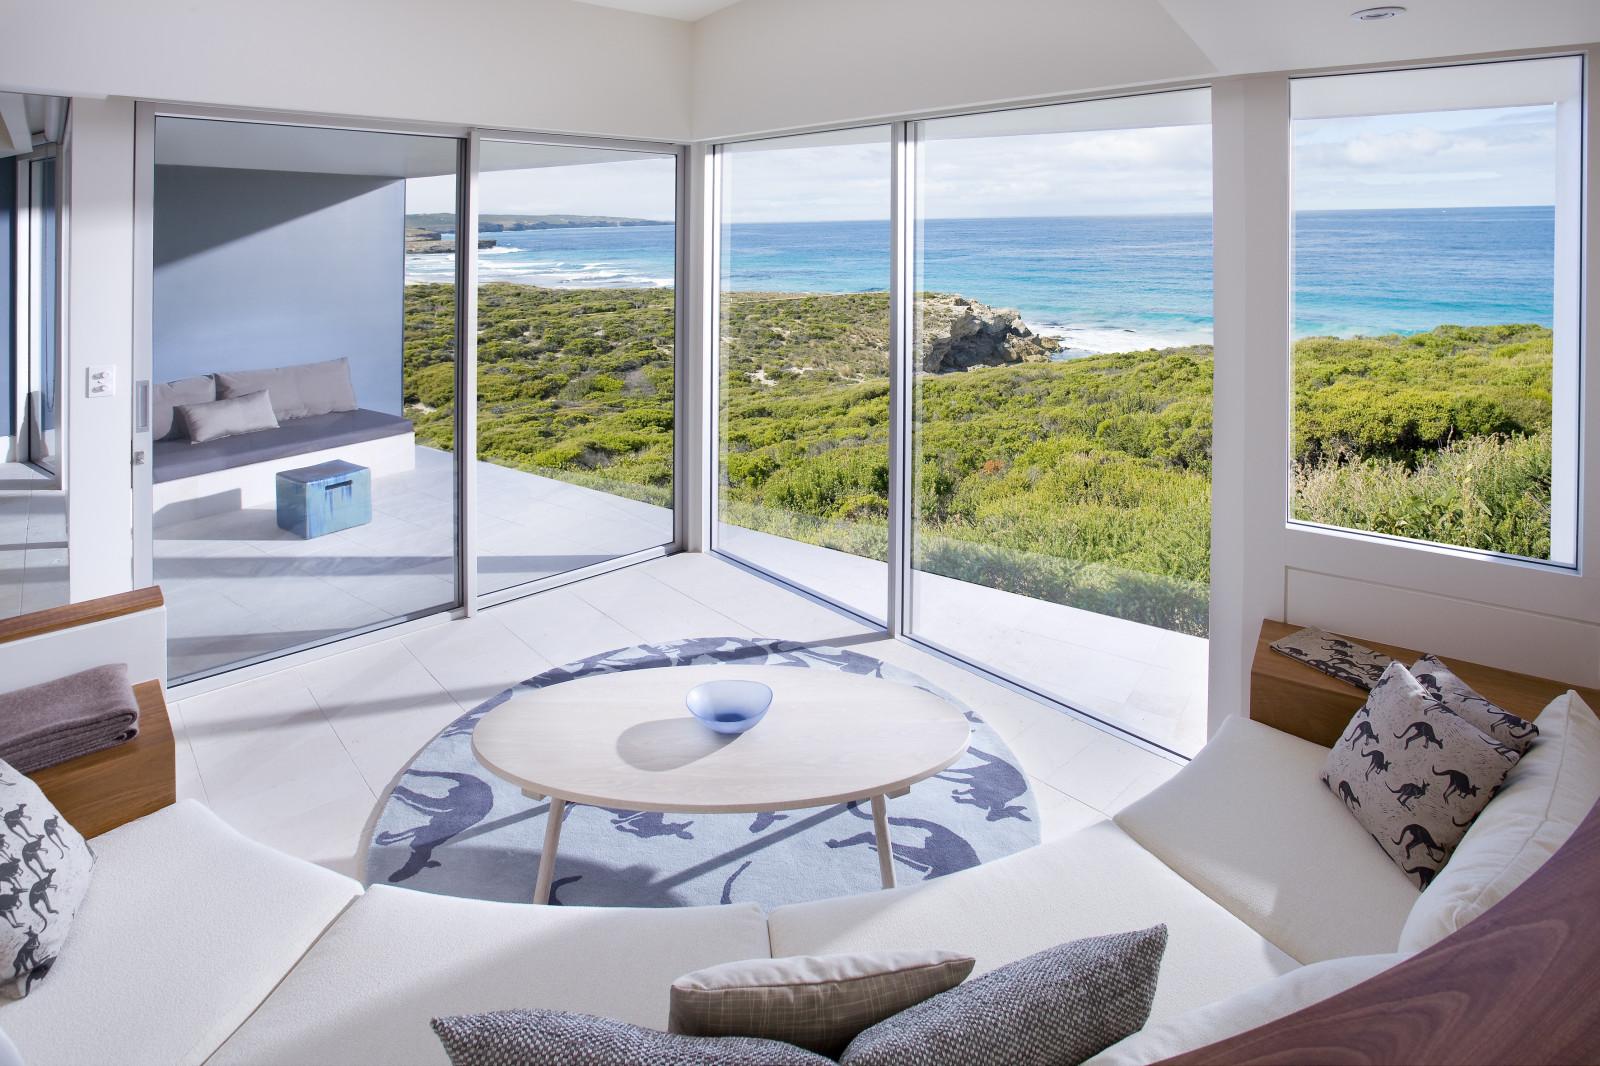 Fenster Zimmer Haus Pool Innenarchitektur Htte Immobilien Entwurf Stil Zuhause Wohnung Eigentumswohnung Villa Eigentum Grundeigentum